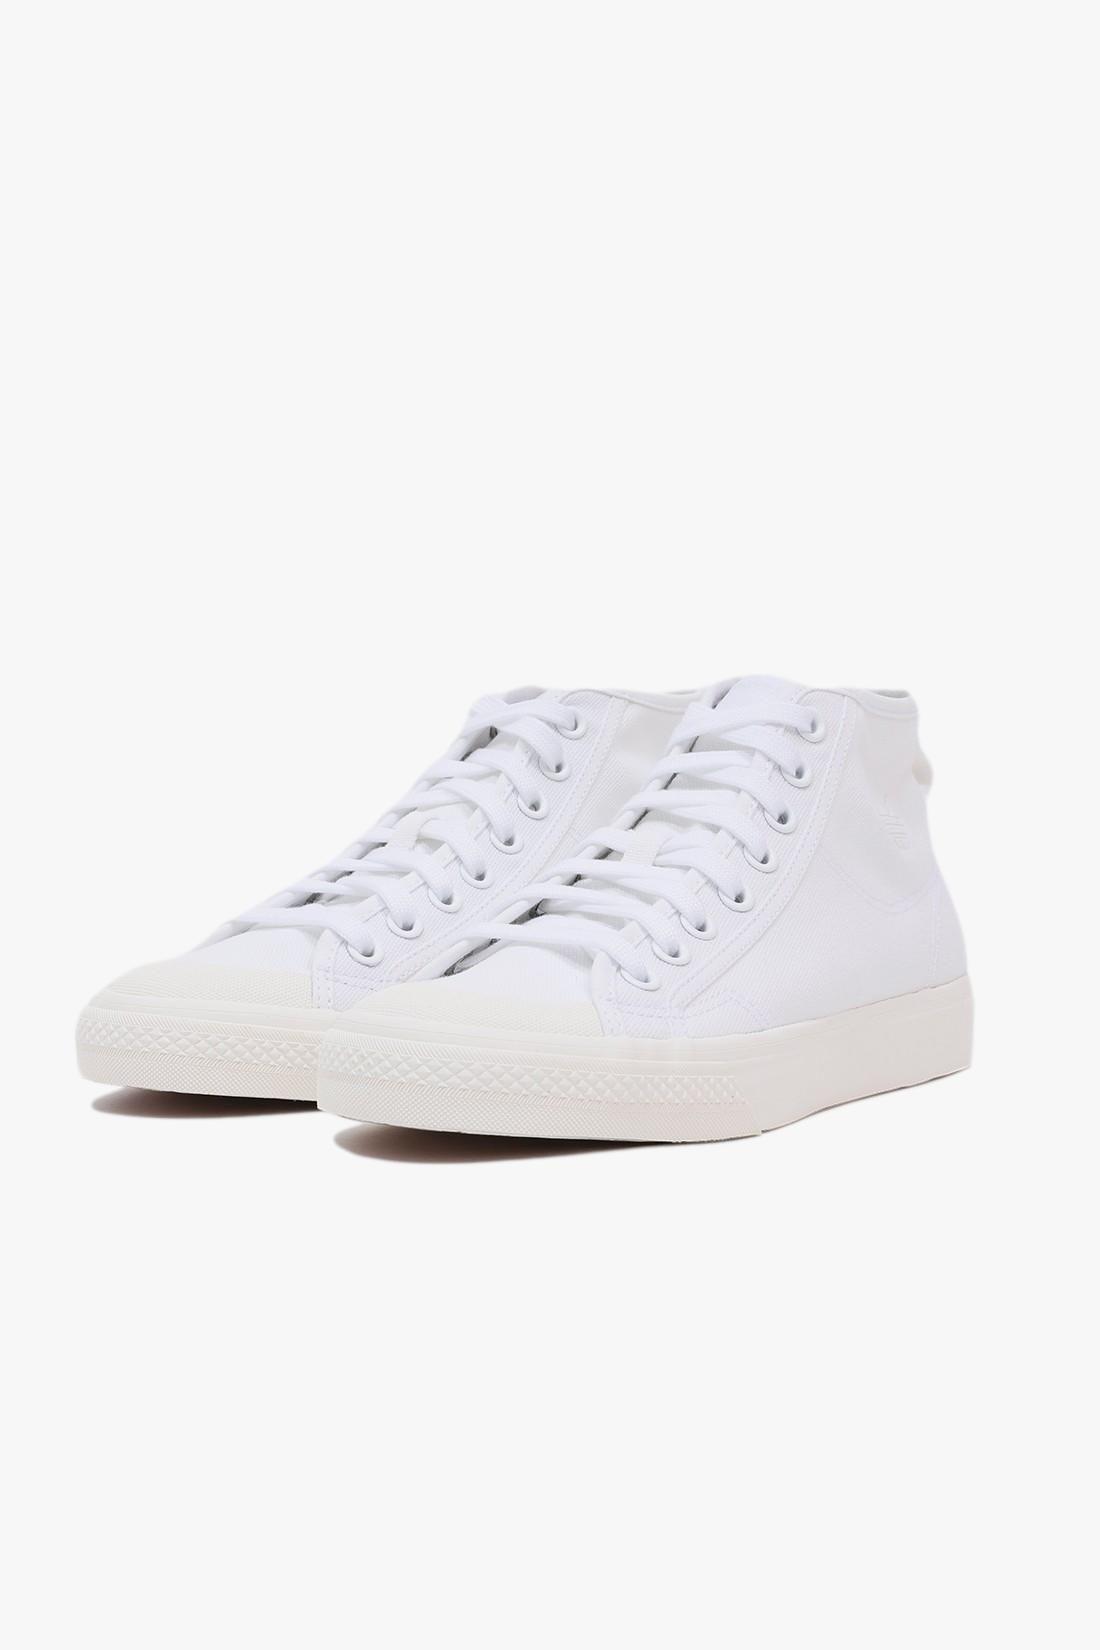 ADIDAS / Nizza hi White